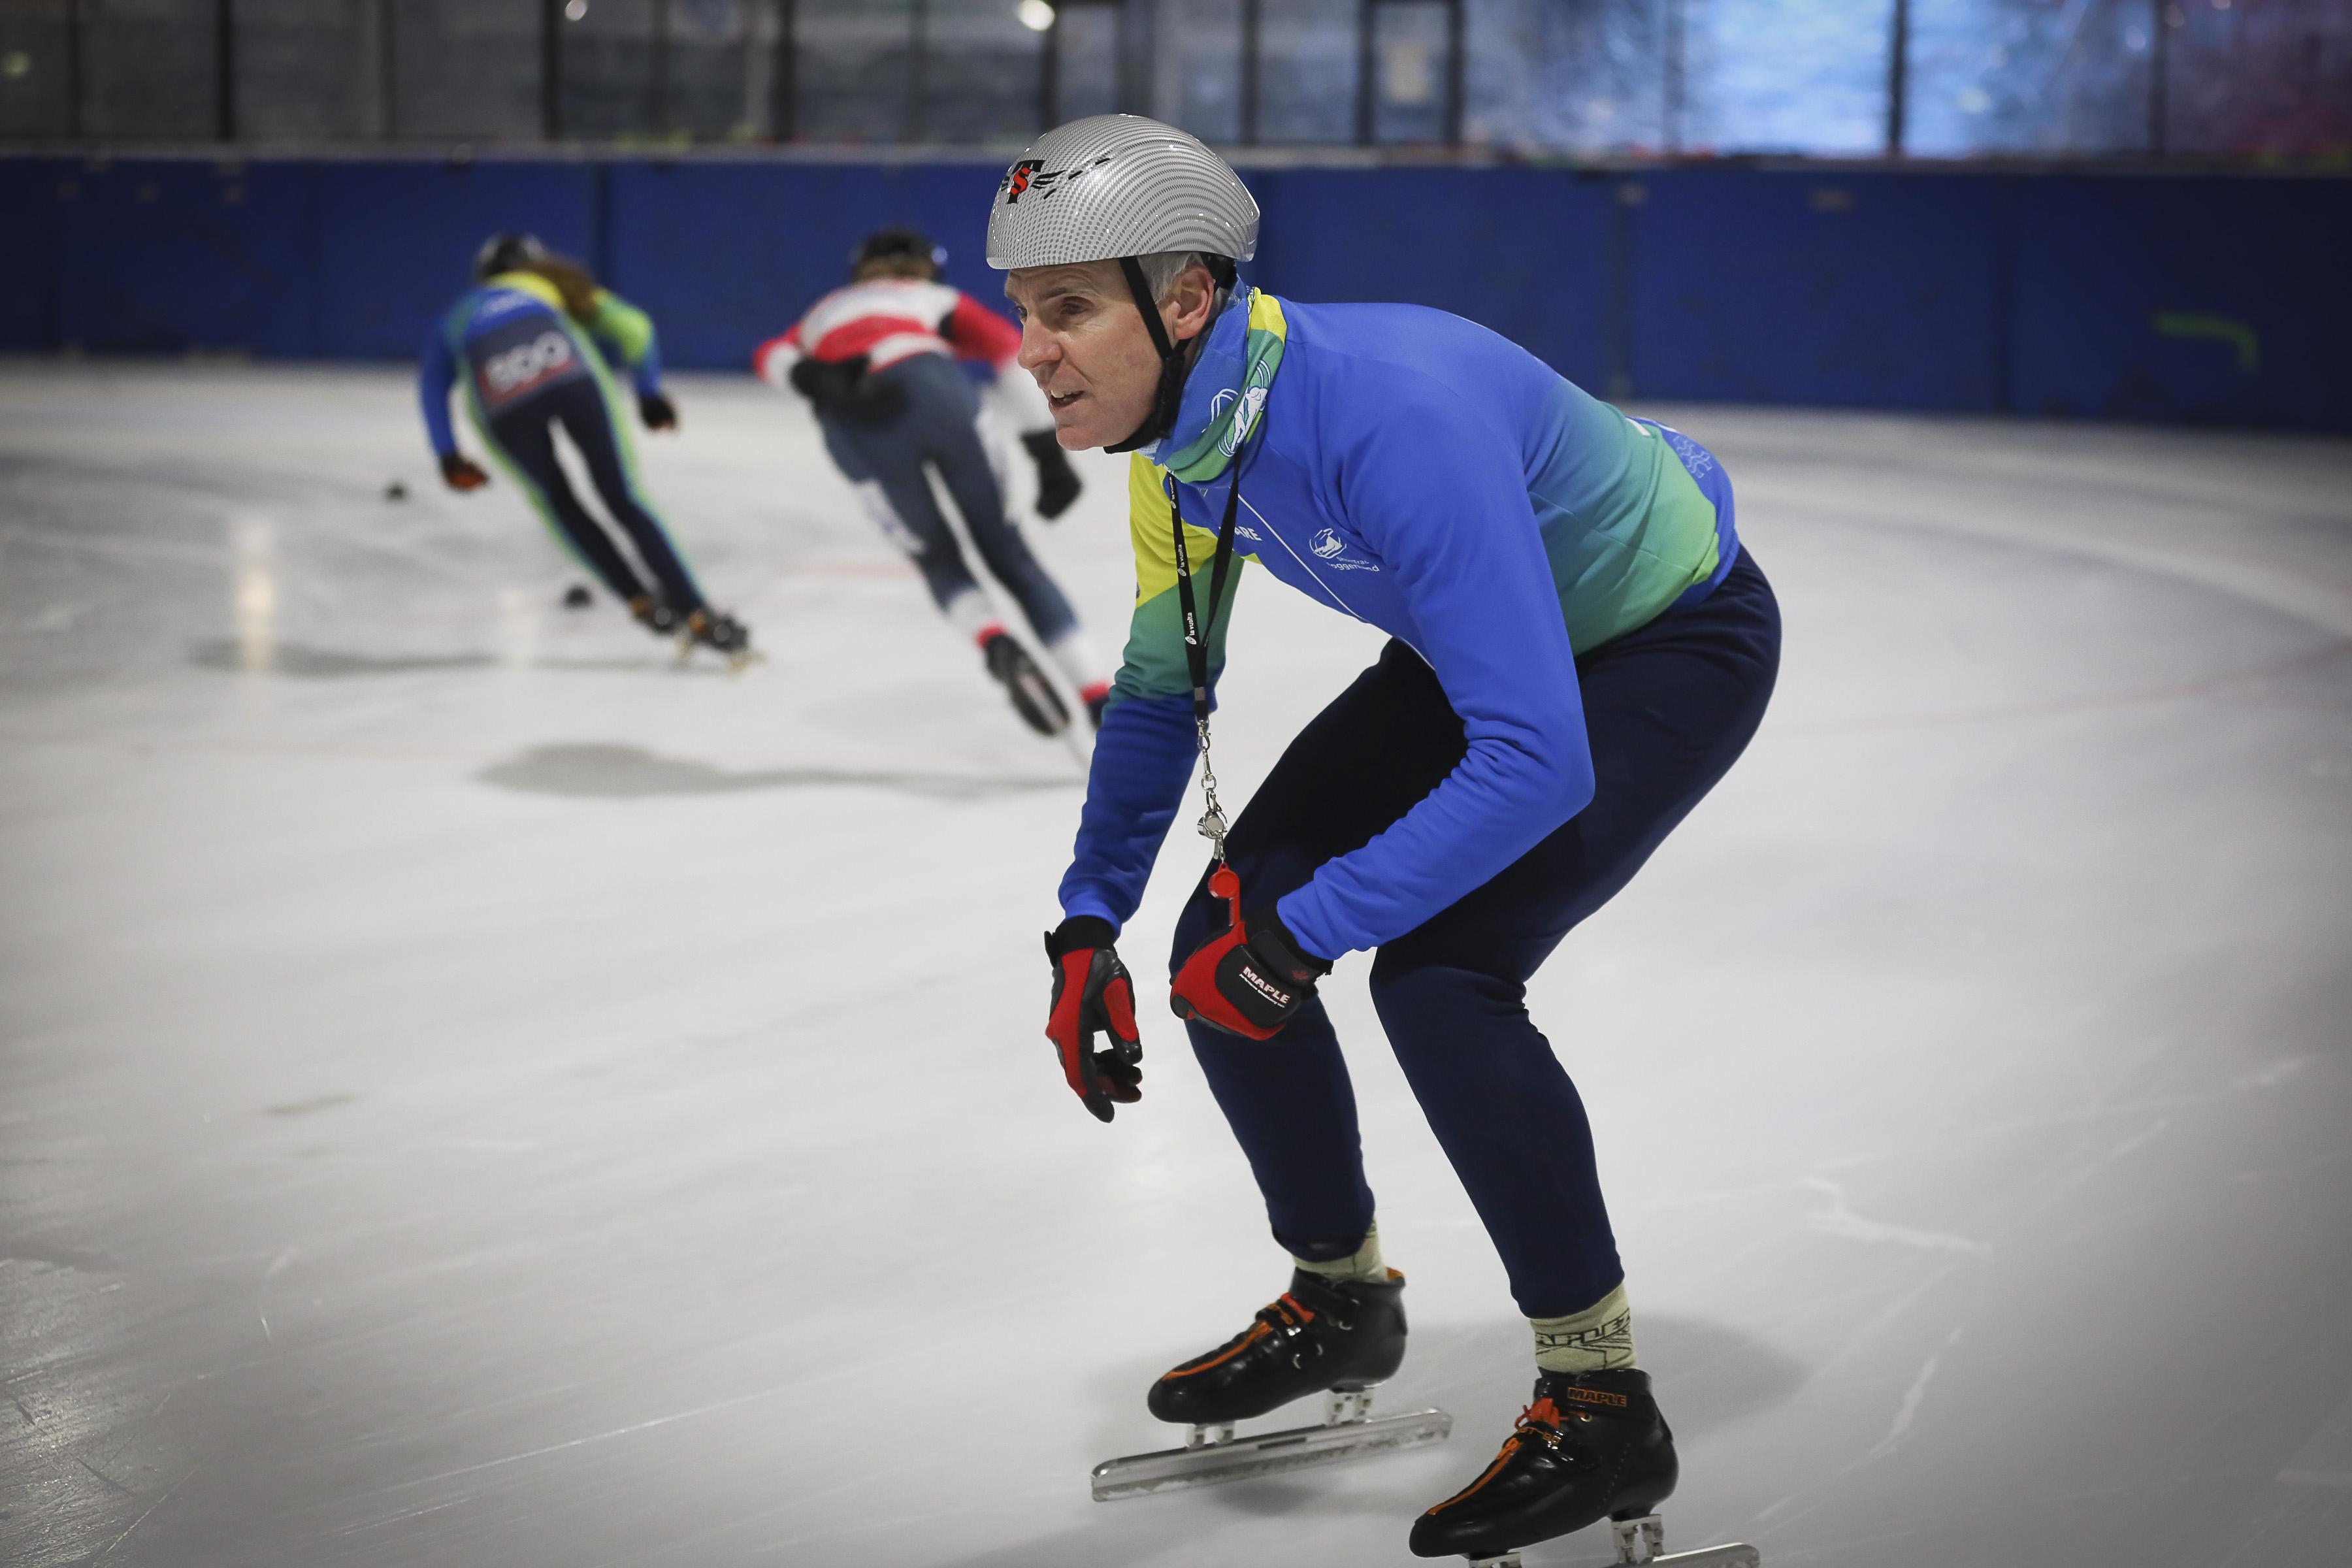 Schaatscoach Arie Jan Brommer geeft de voorkeur aan schaatsen op buitenijs: 'Schaatsen in een besneeuwd winters landschap, strakblauwe lucht en een zonnetje dat het zwarte ijs doet spiegelen, heerlijk'